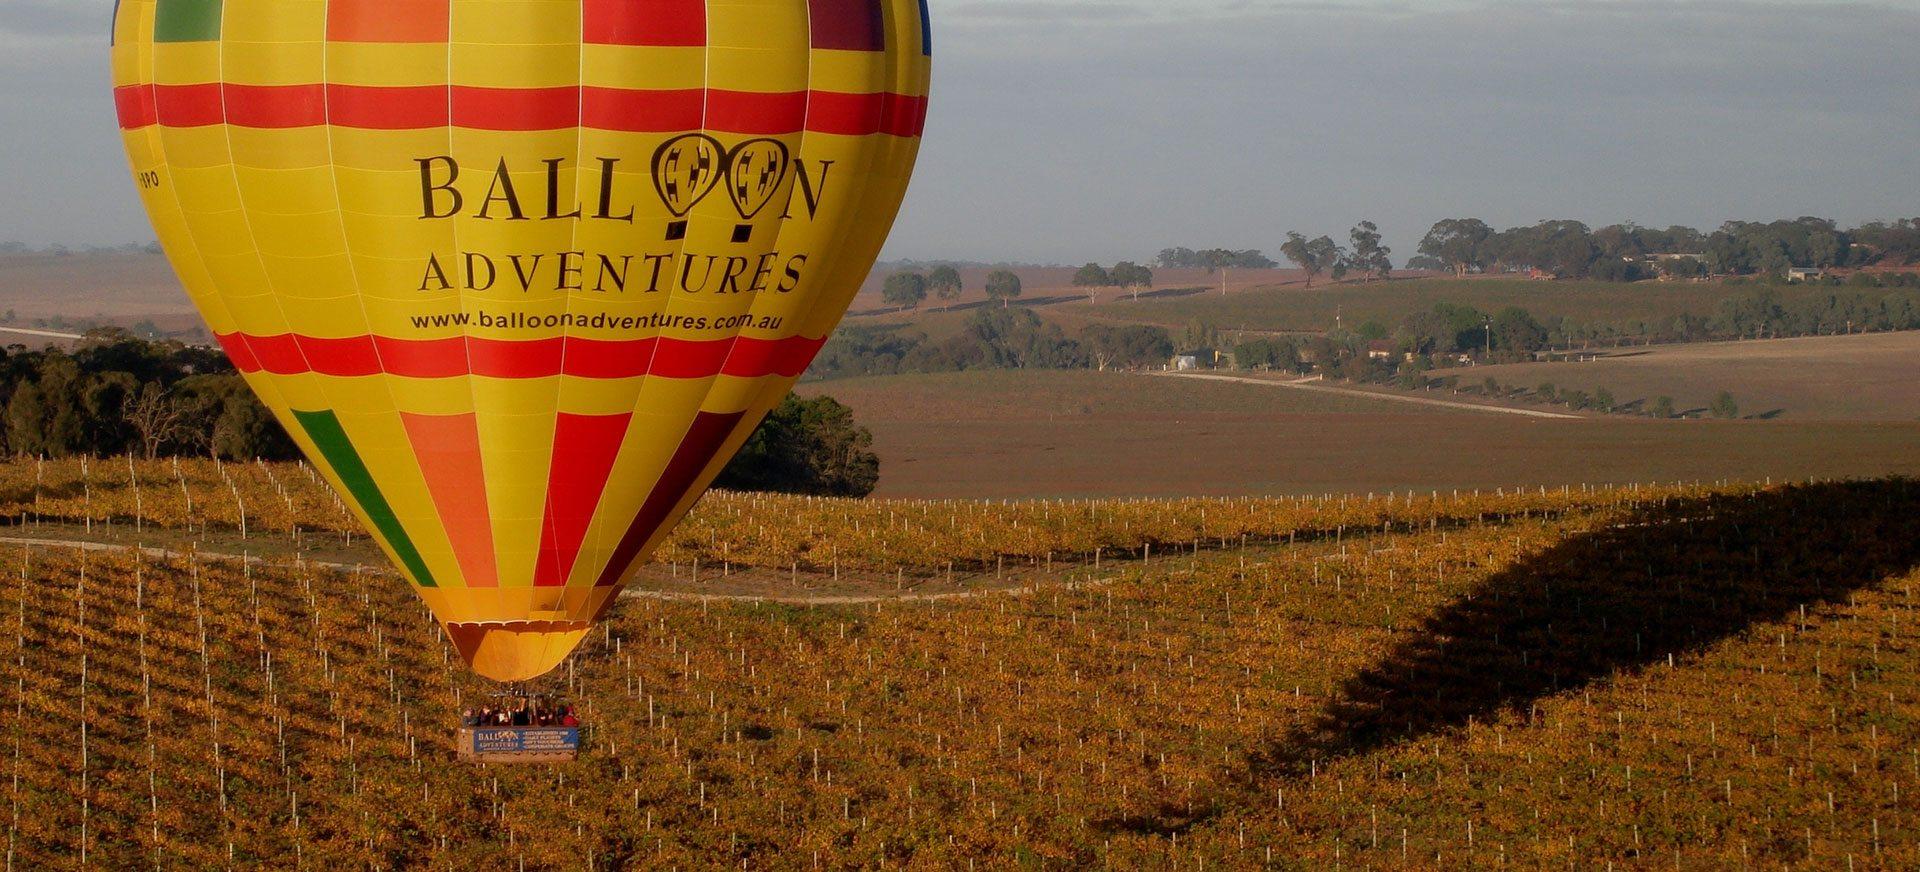 balloon-adventures-barossa-valley-hot-air-balloon-flights-3